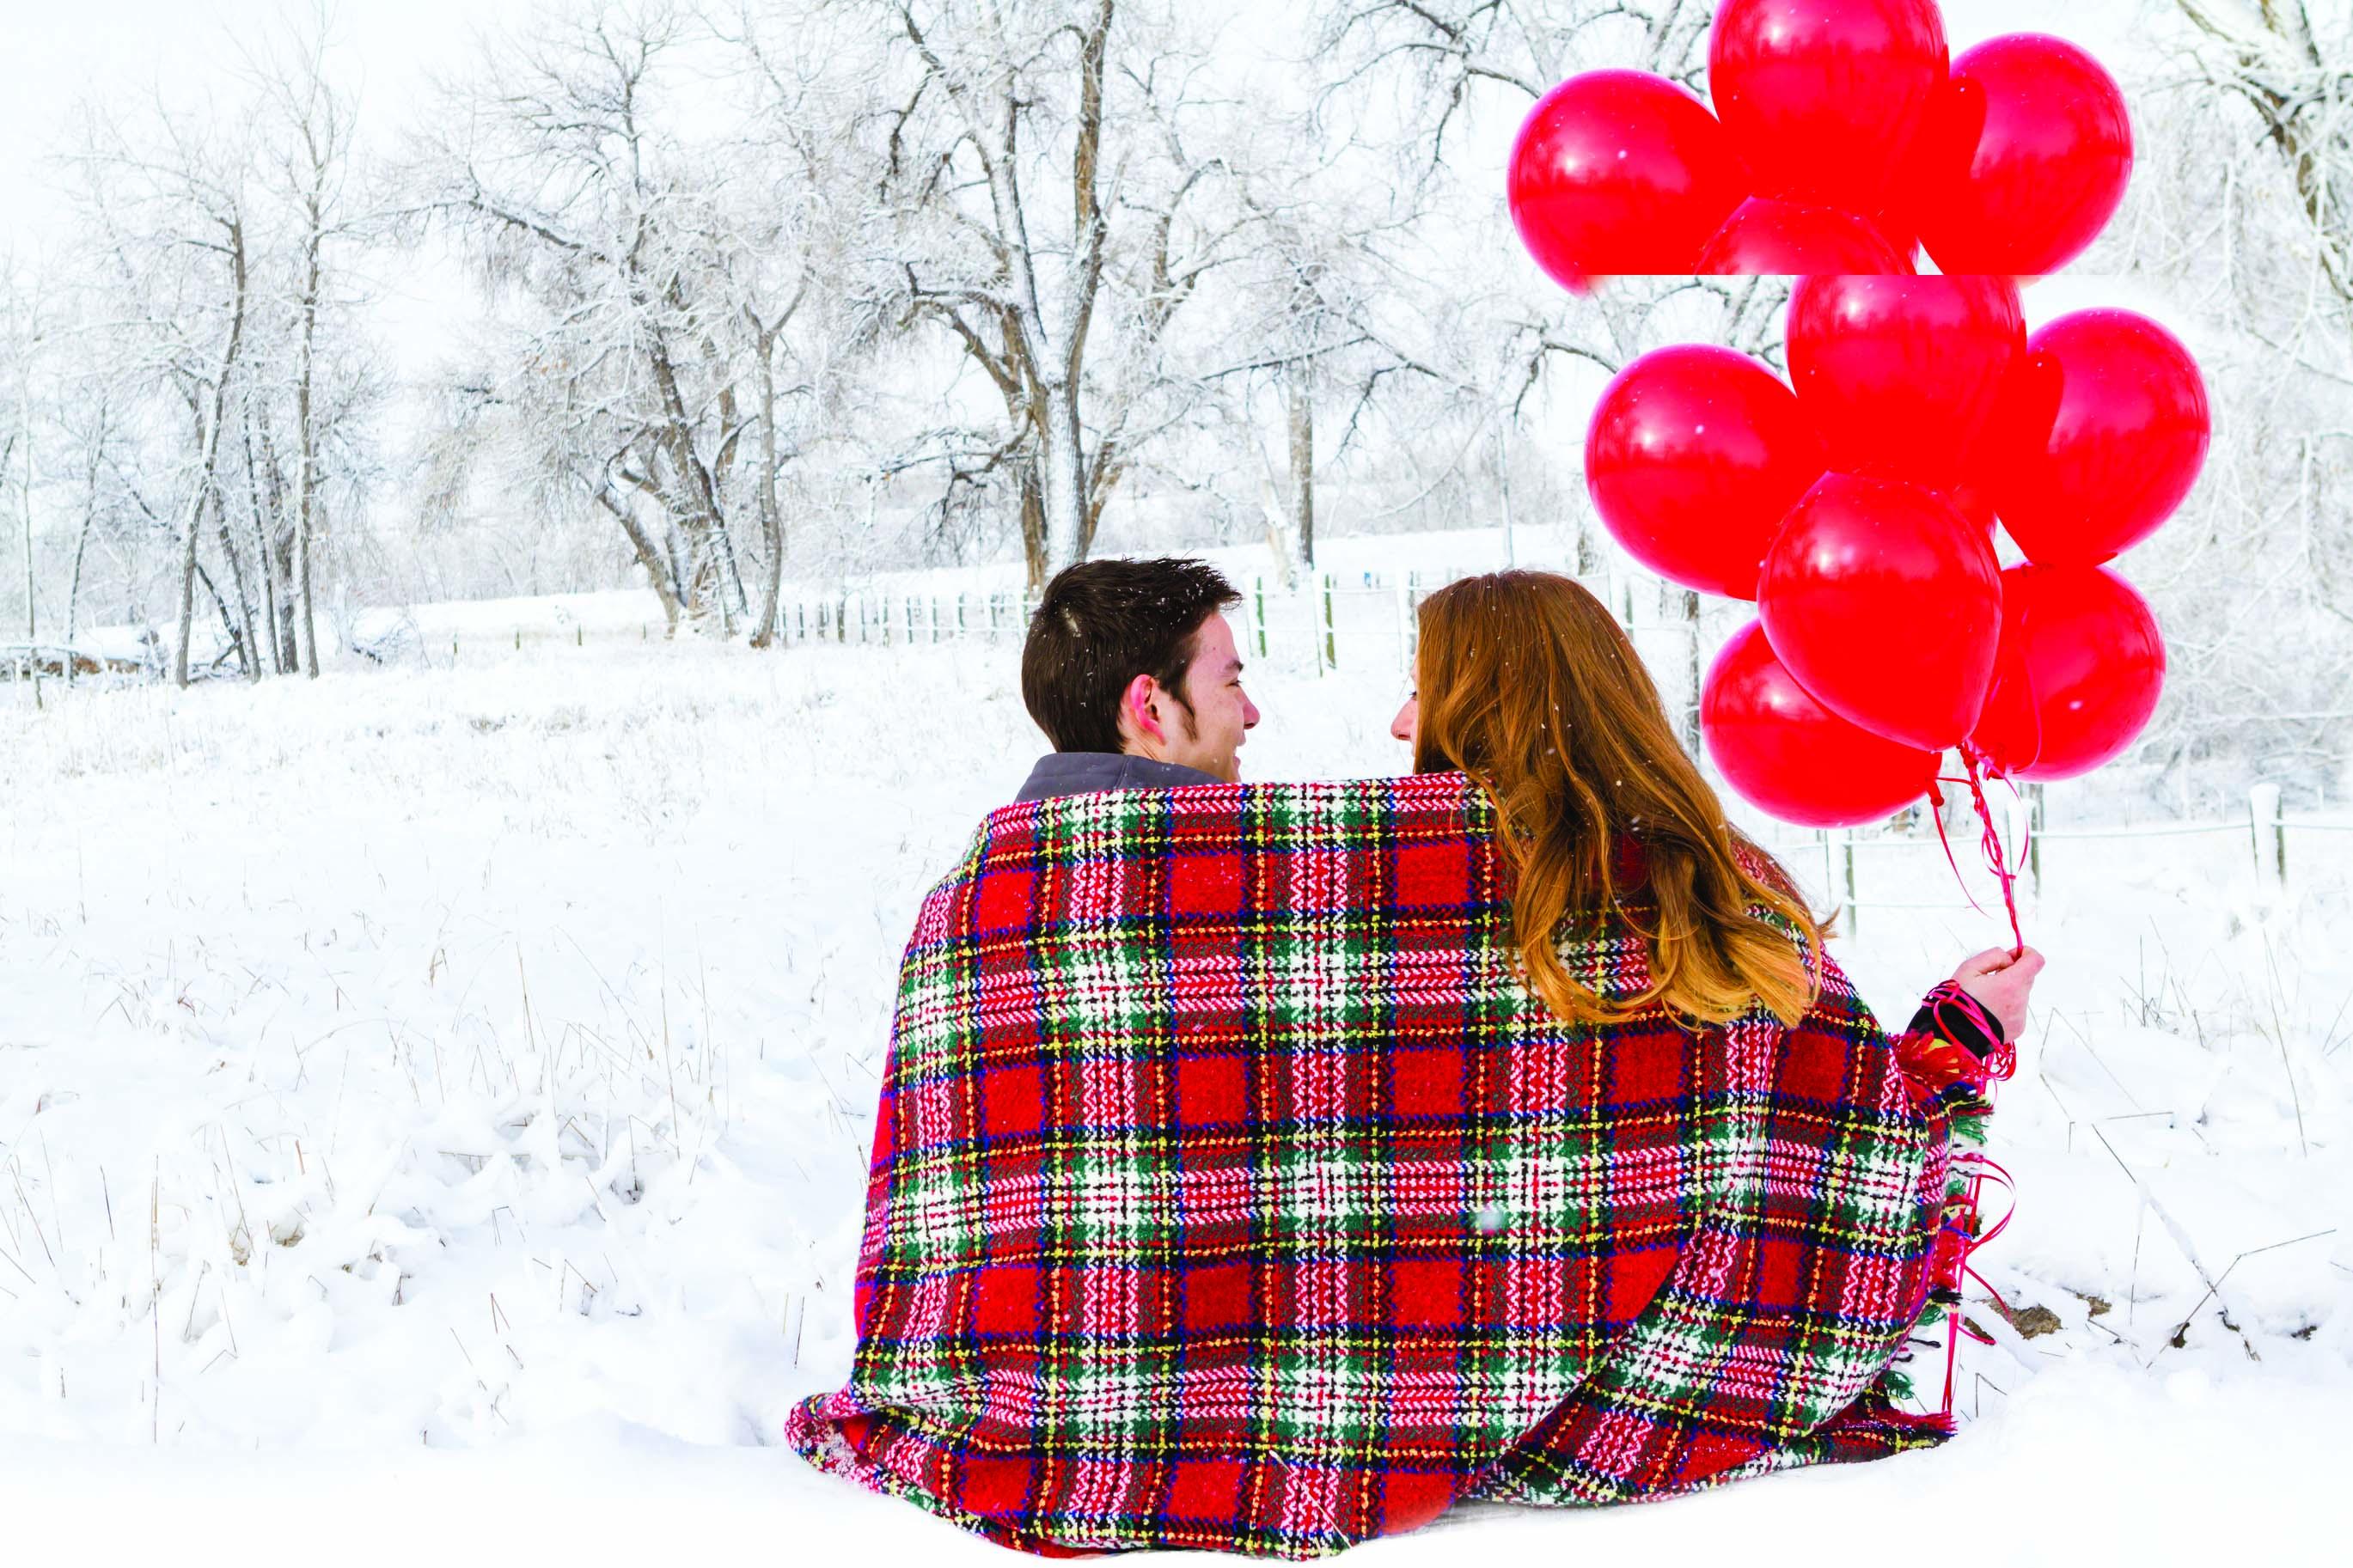 Quel est ton niveau de romantisme?